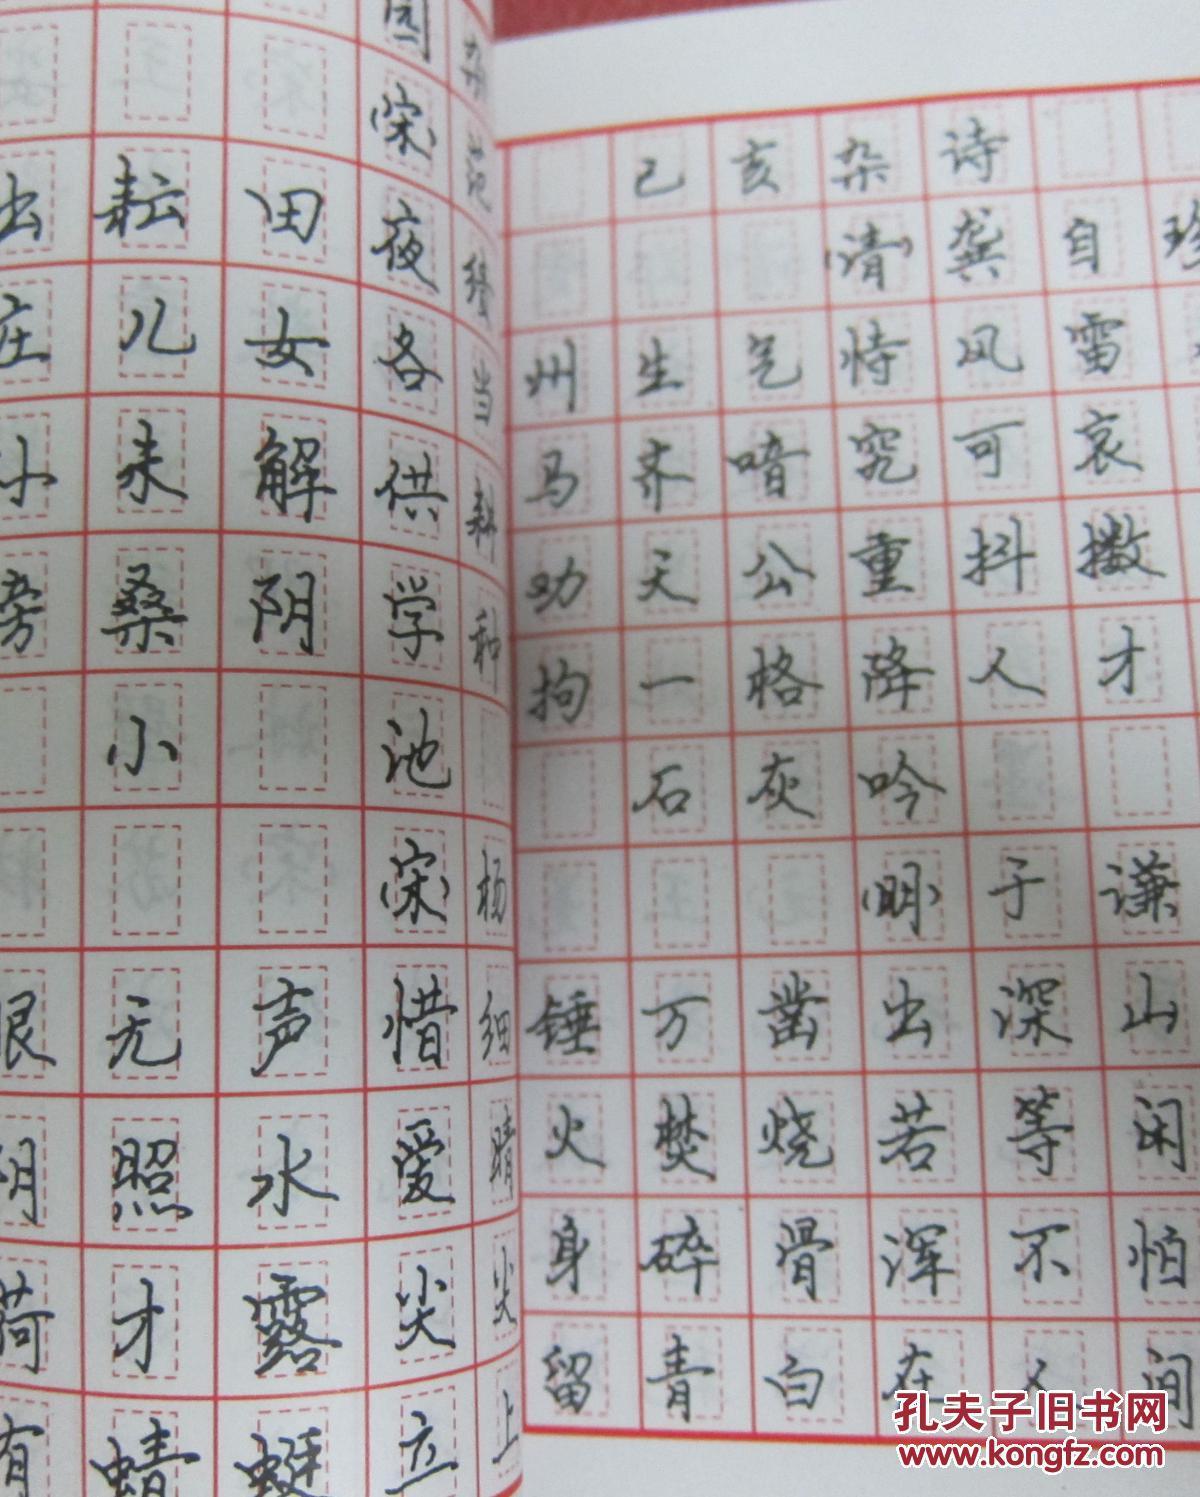 翟安平硬笔书法古诗词字帖(九)图片